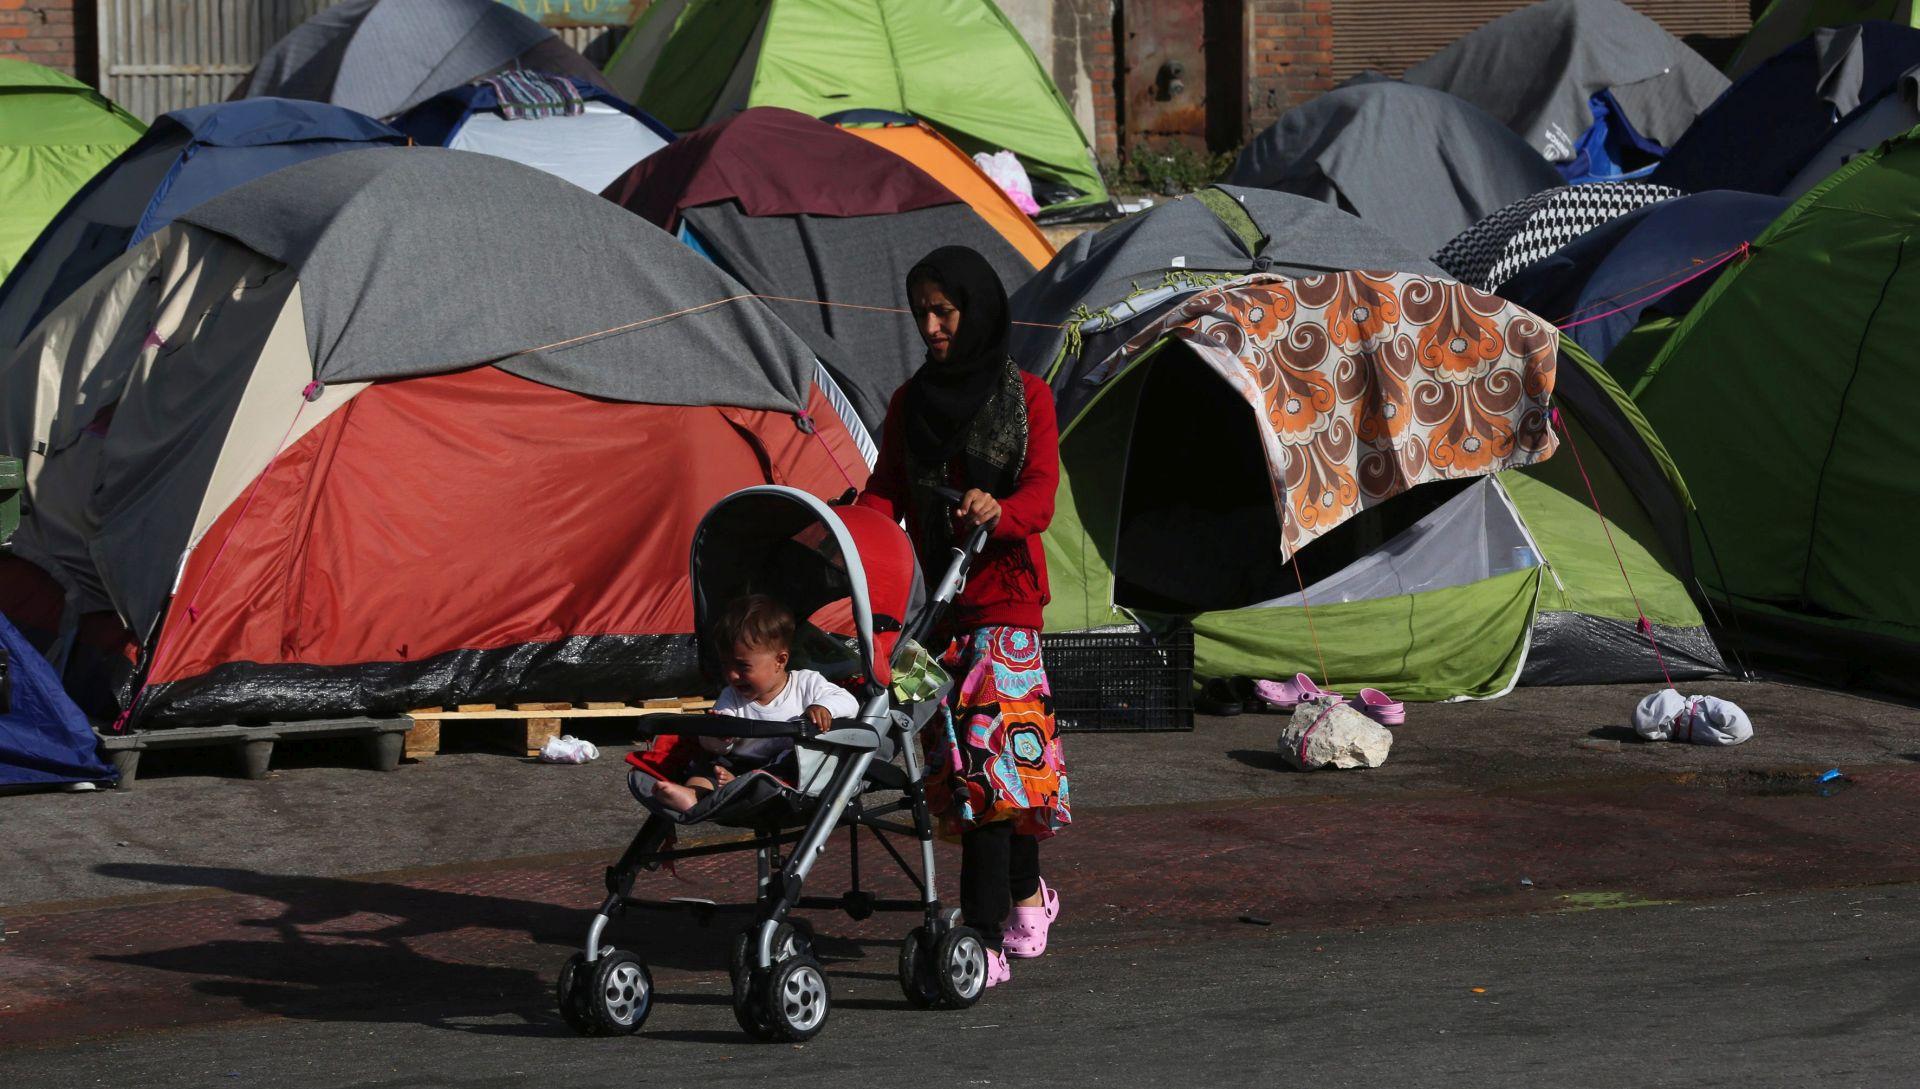 LIJEČNICI BEZ GRANICA Oko 10.000 izbjeglica u Italiji živi u nehumanim uvjetima